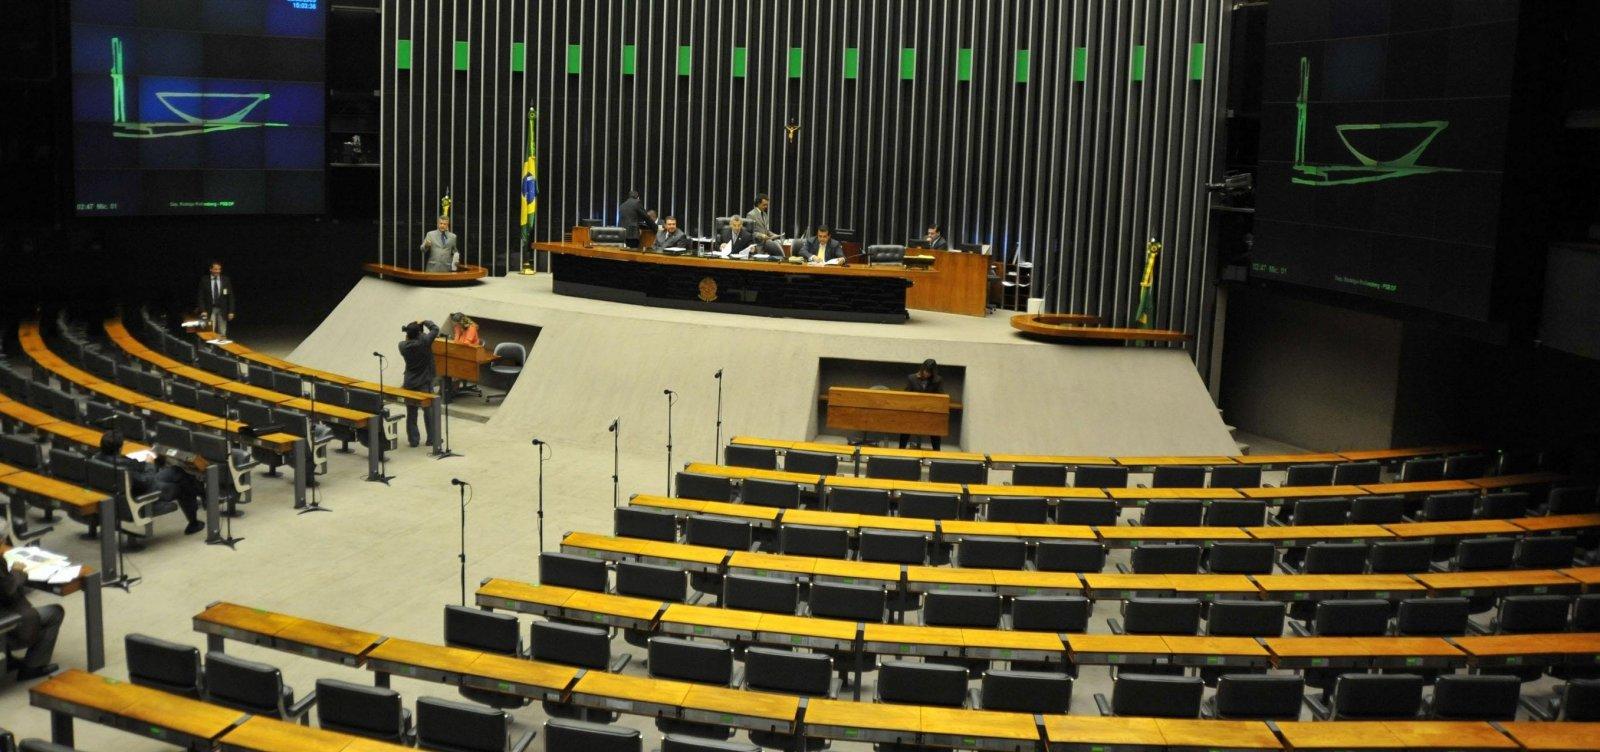 [Aposentadoria especial: 25 deputados baianos não abrem mão de plano que paga até R$ 33 mil]